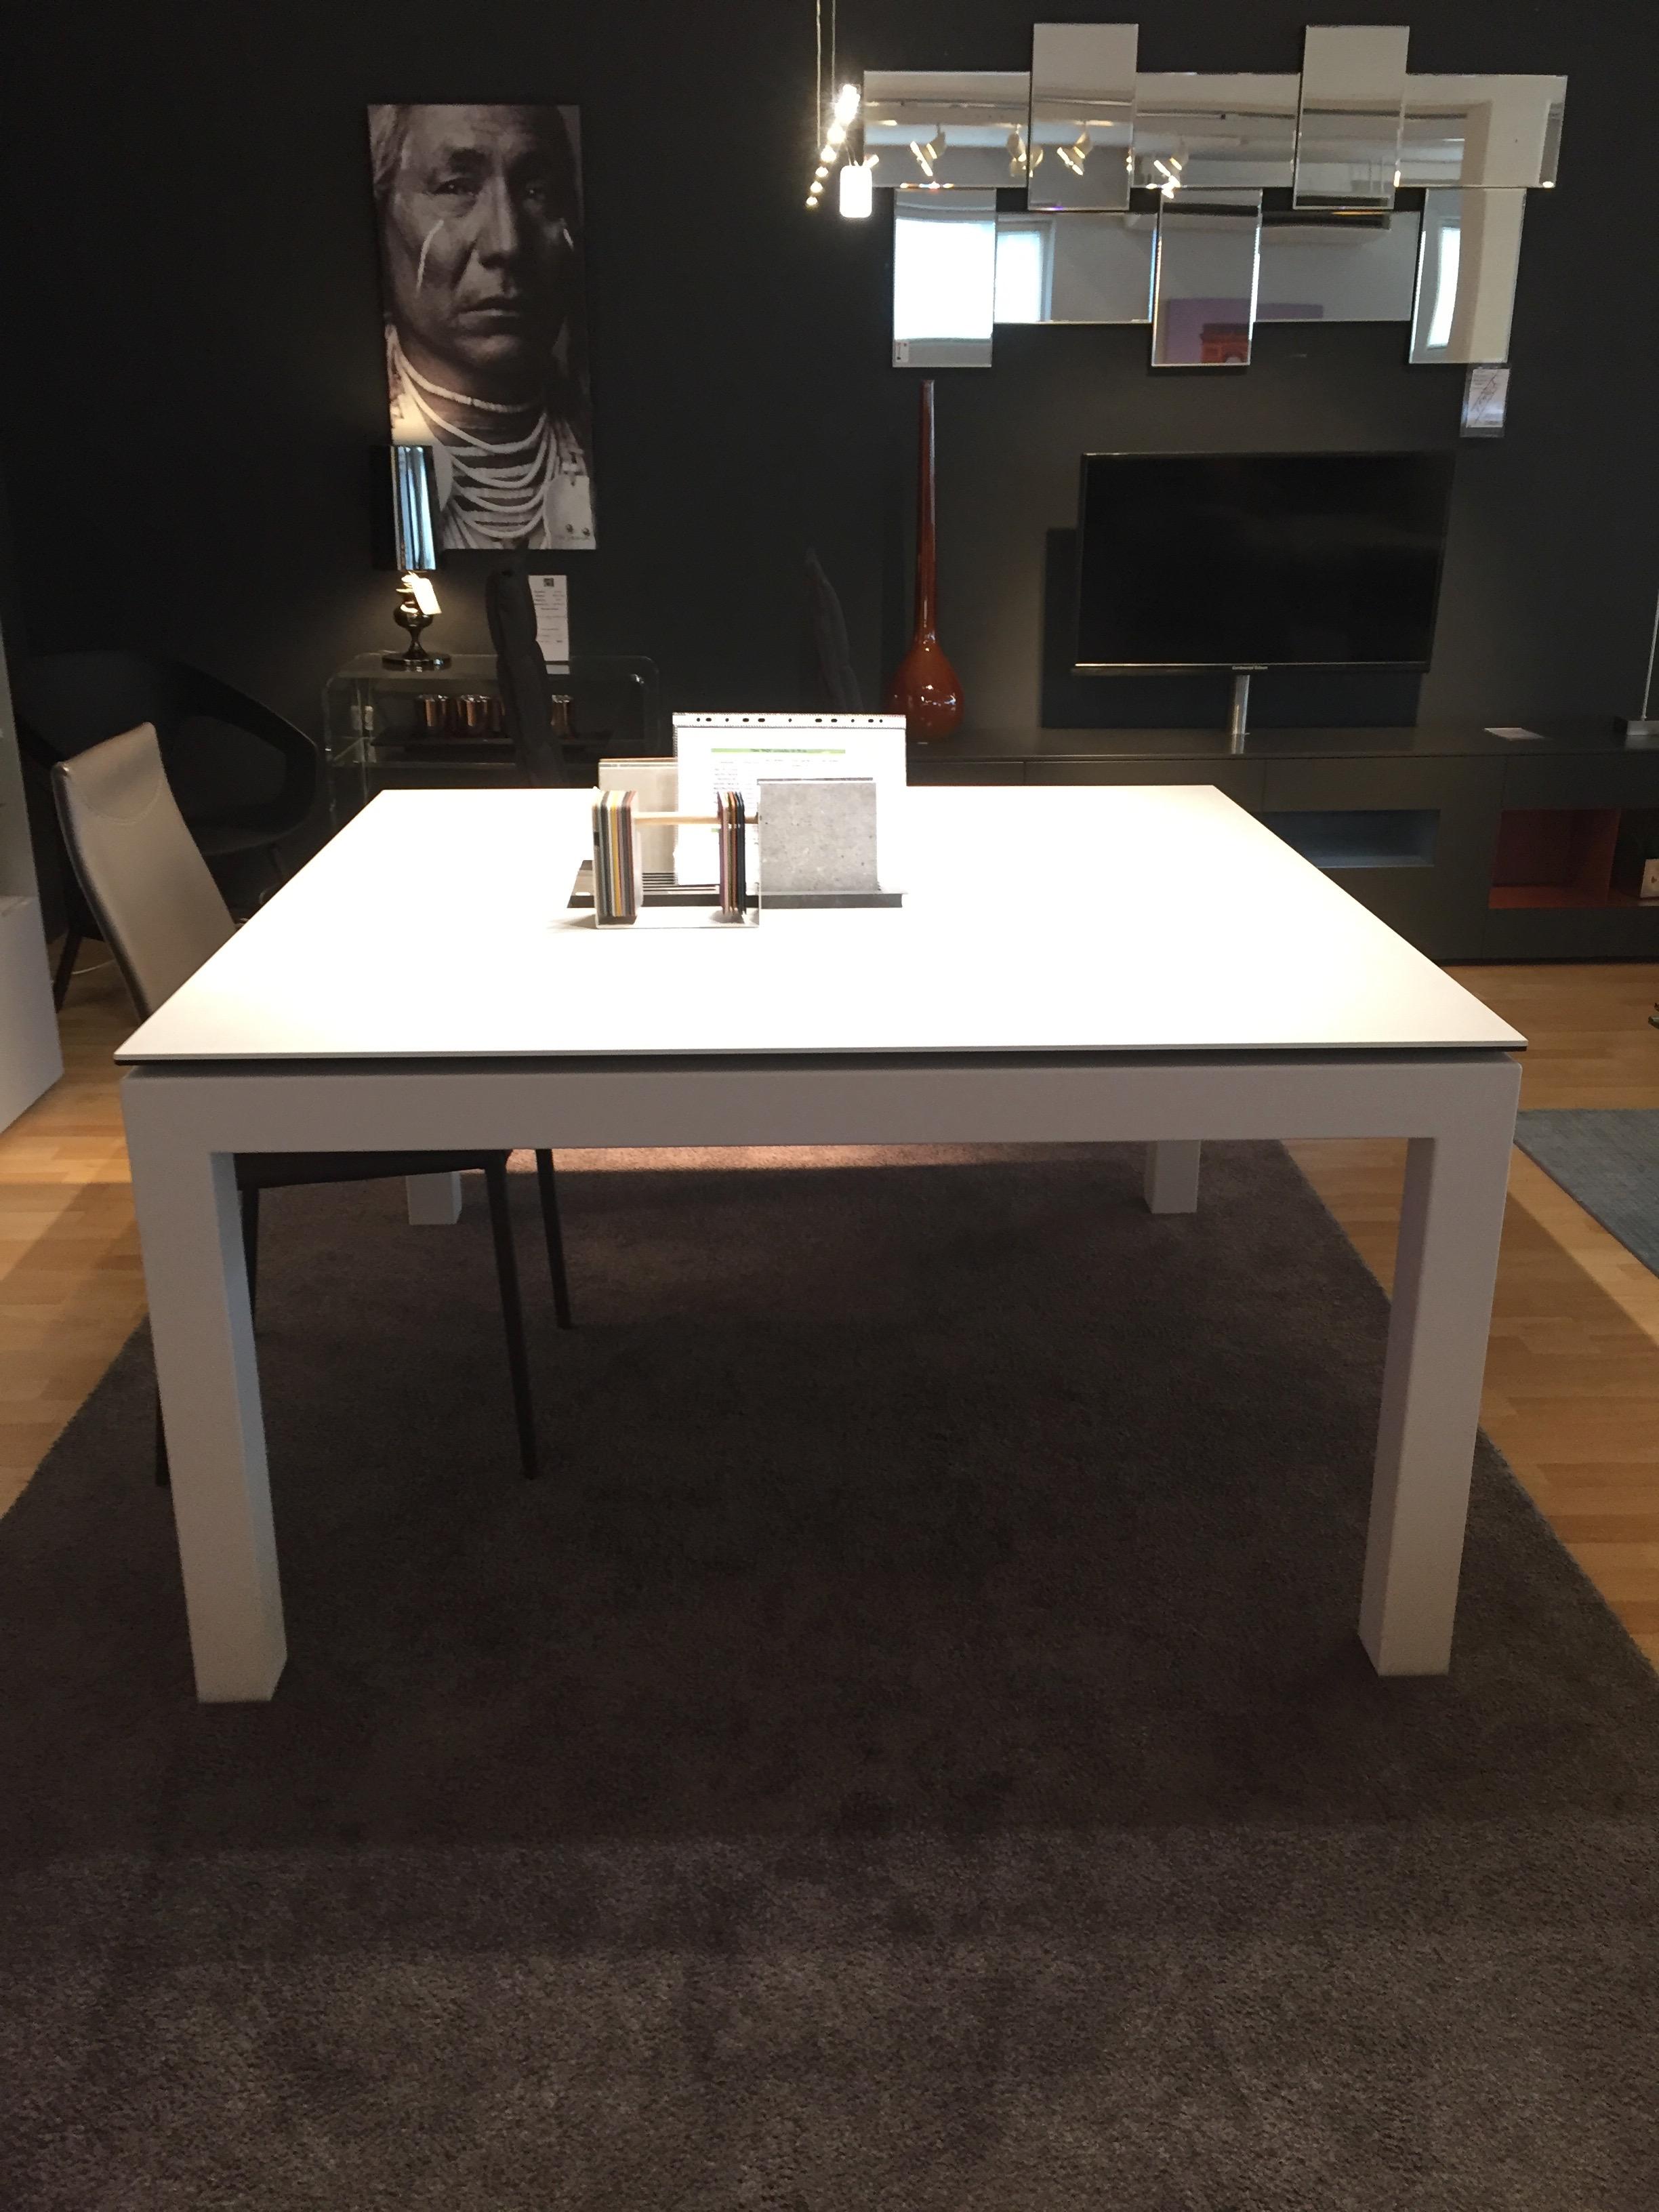 Img 6896 meubles steinmetz - Meubles steinmetz ...